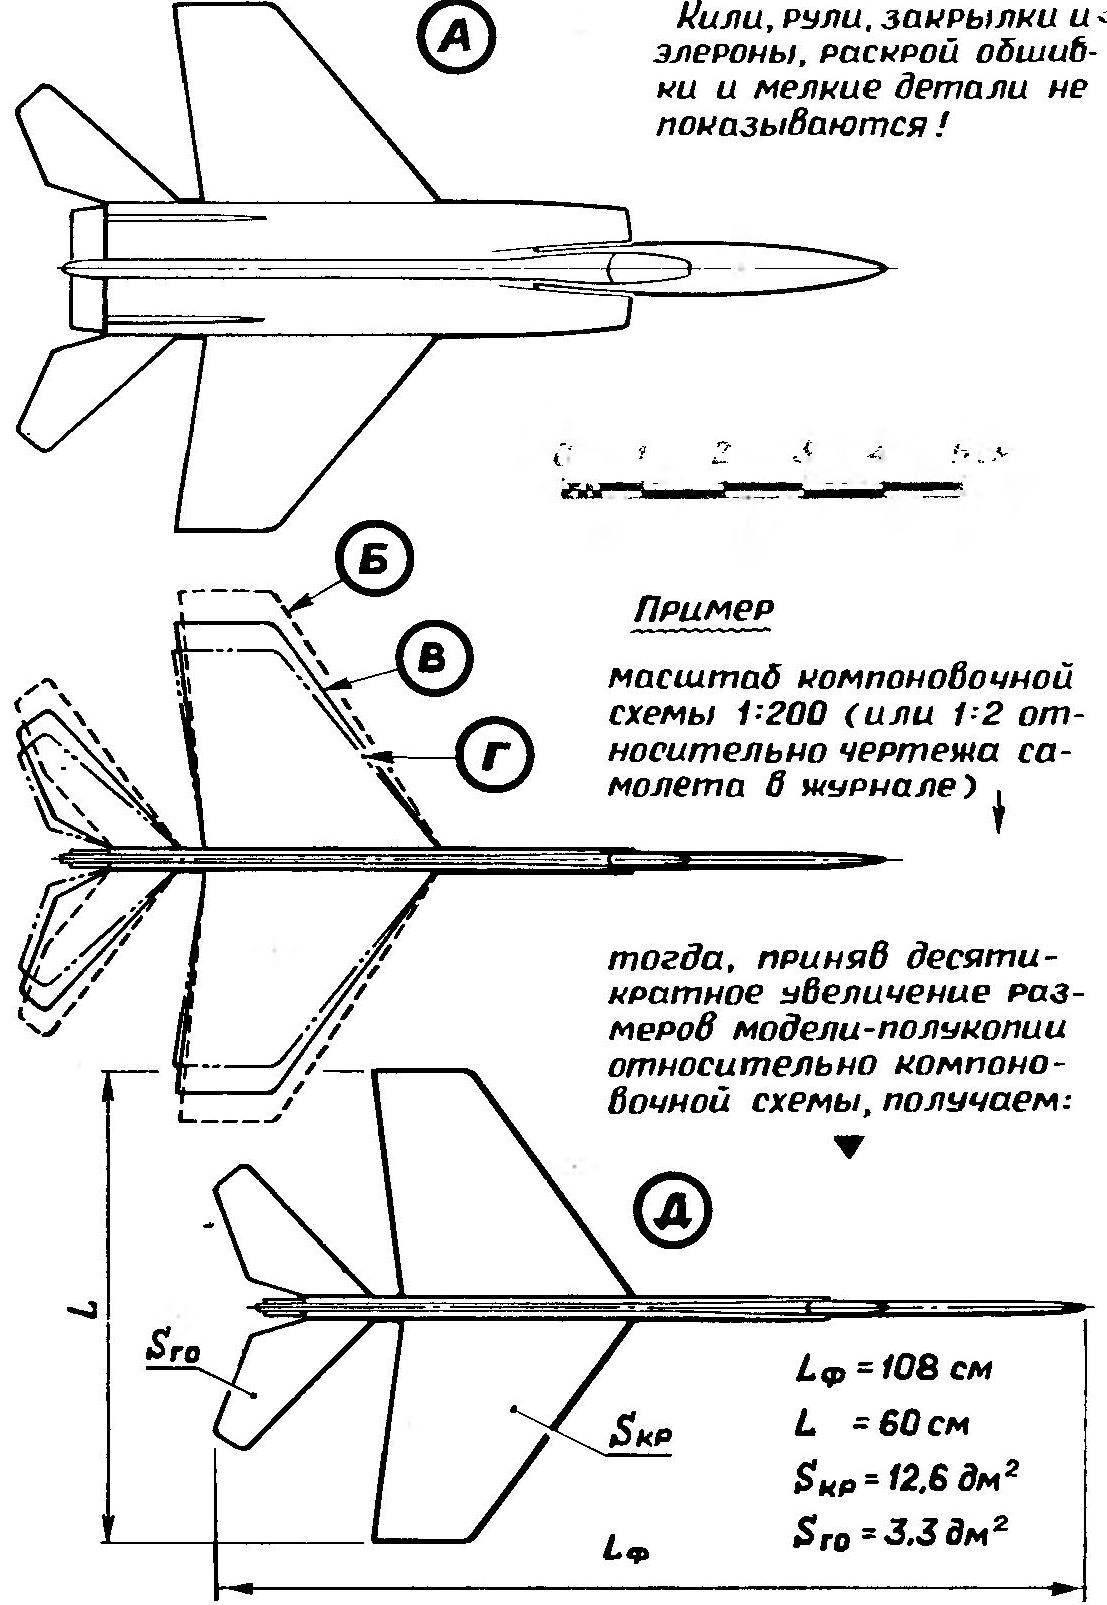 Рис. 1. Принцип прорисовки вида в плаие проектируемой полукопии реактивного само-лета-прототипа